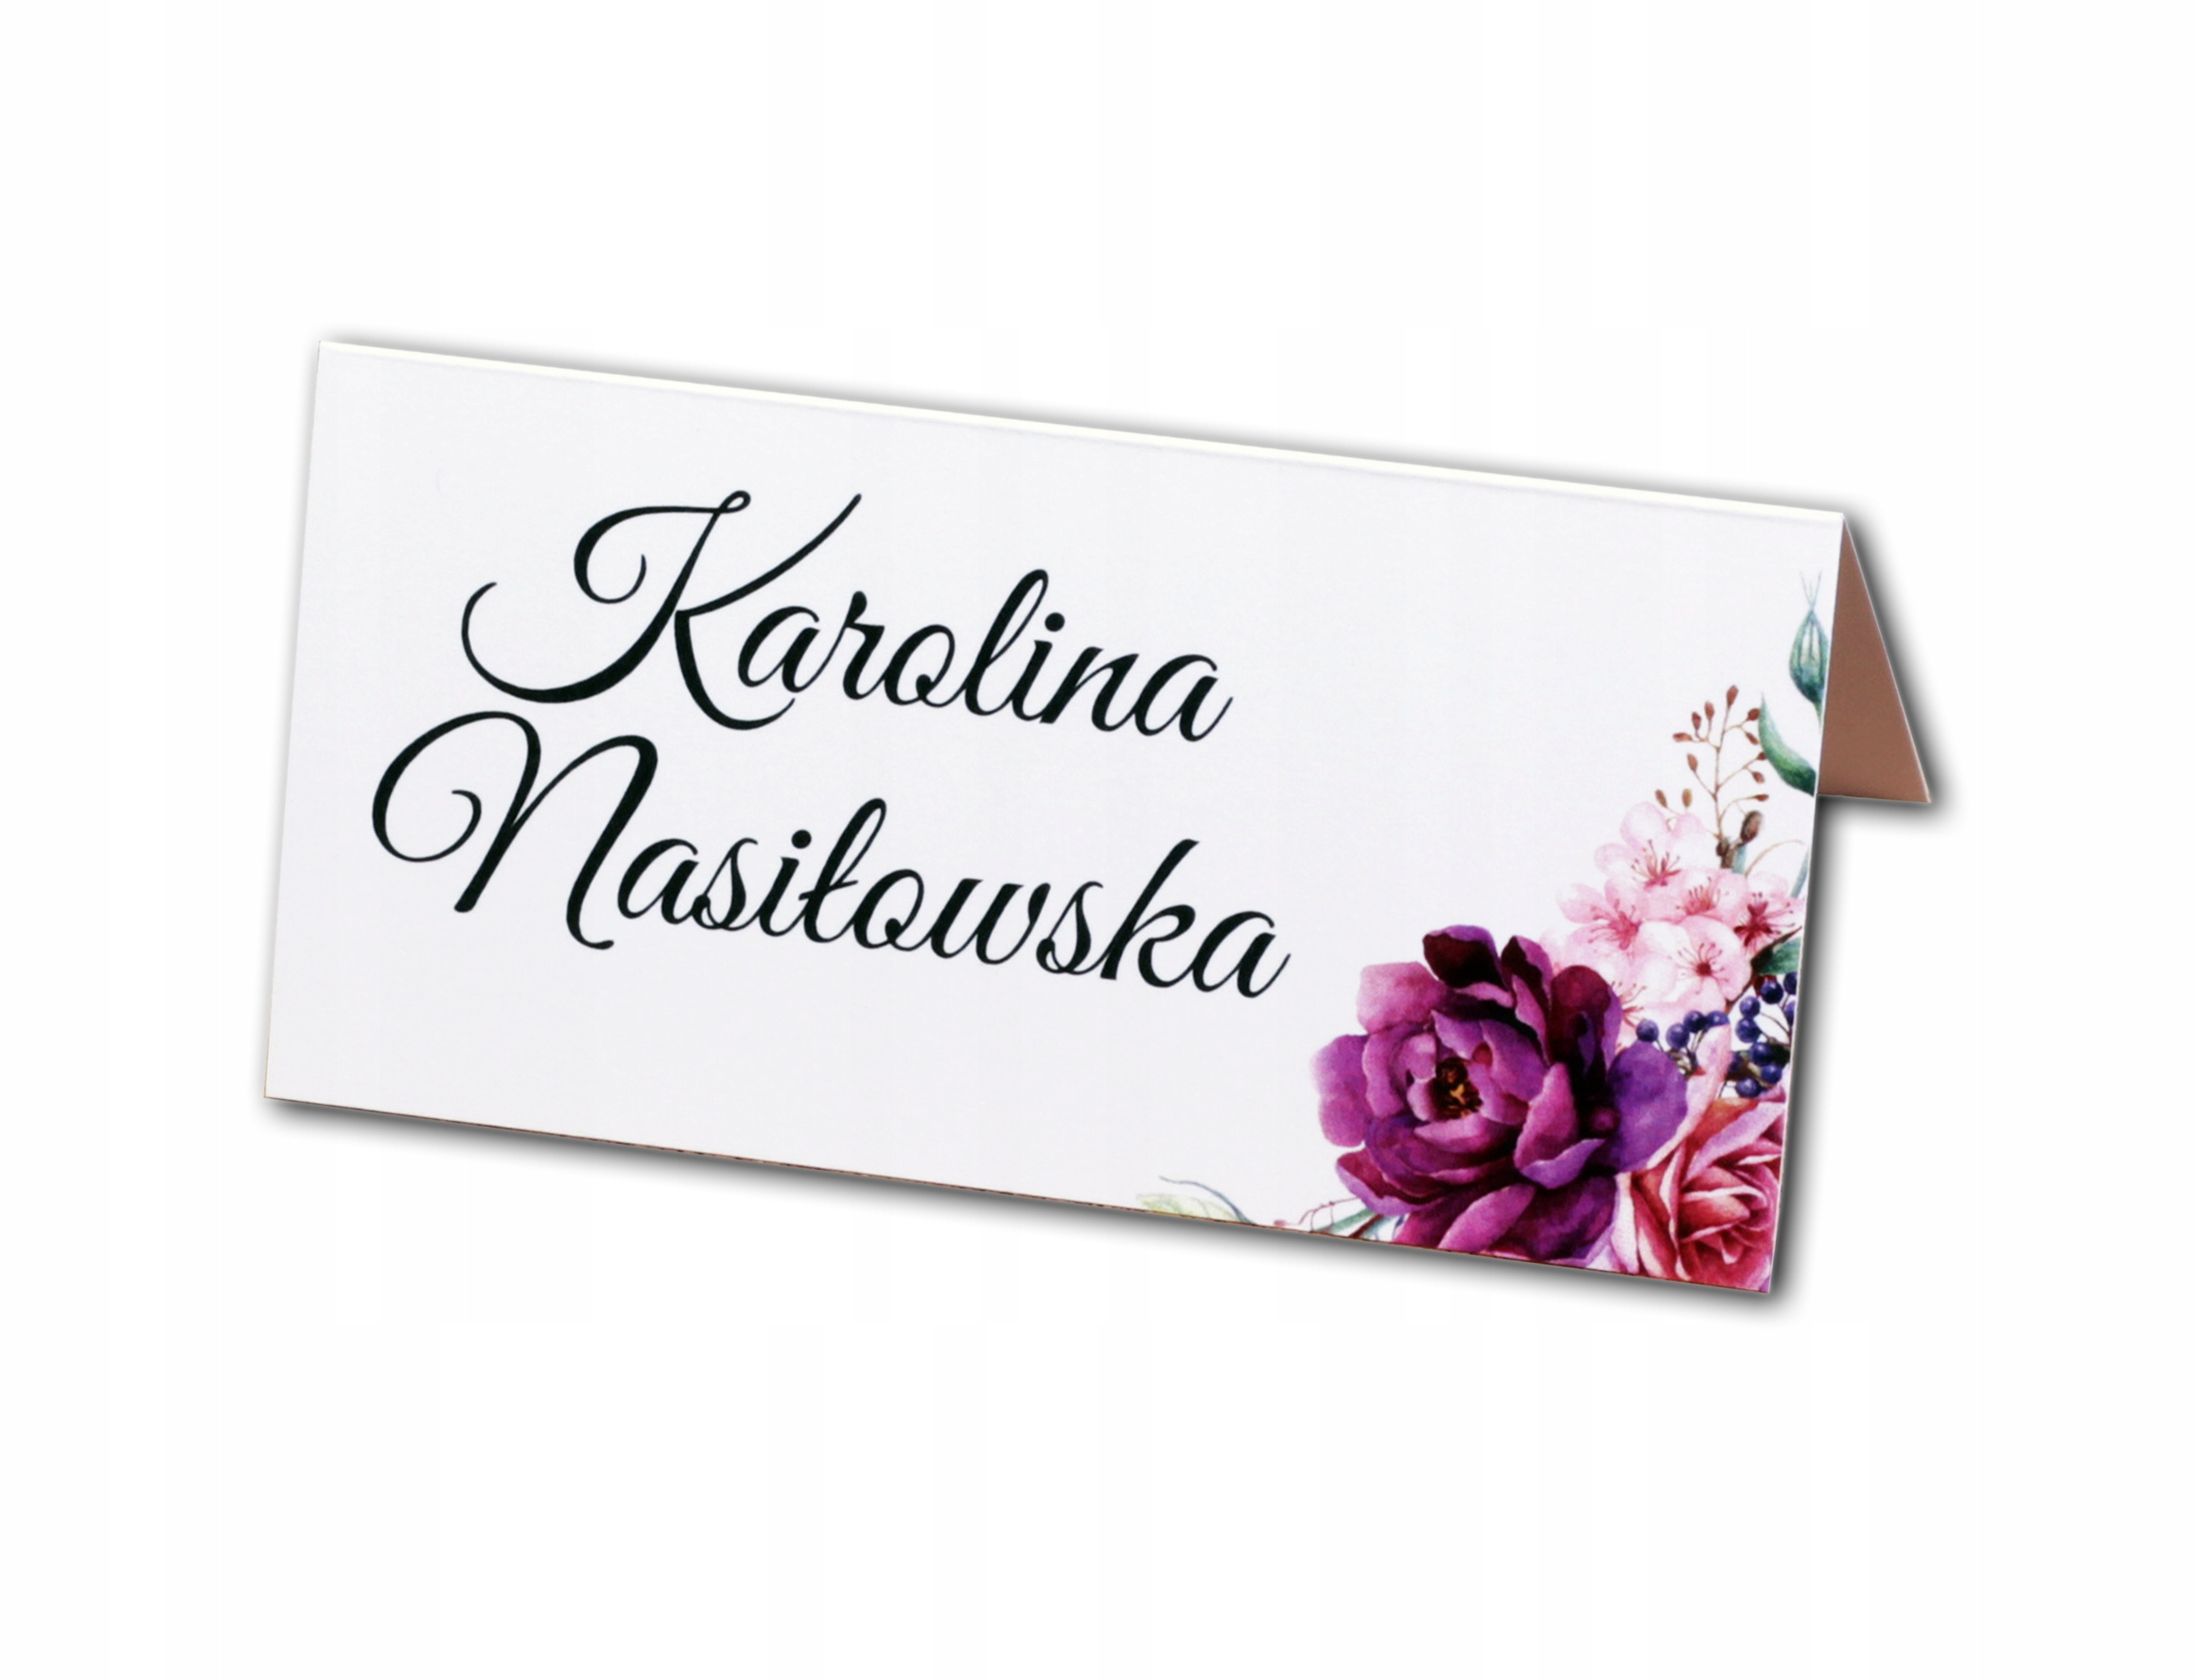 виньетки визитные карточки на стол свадьба свадьба 3szt boho